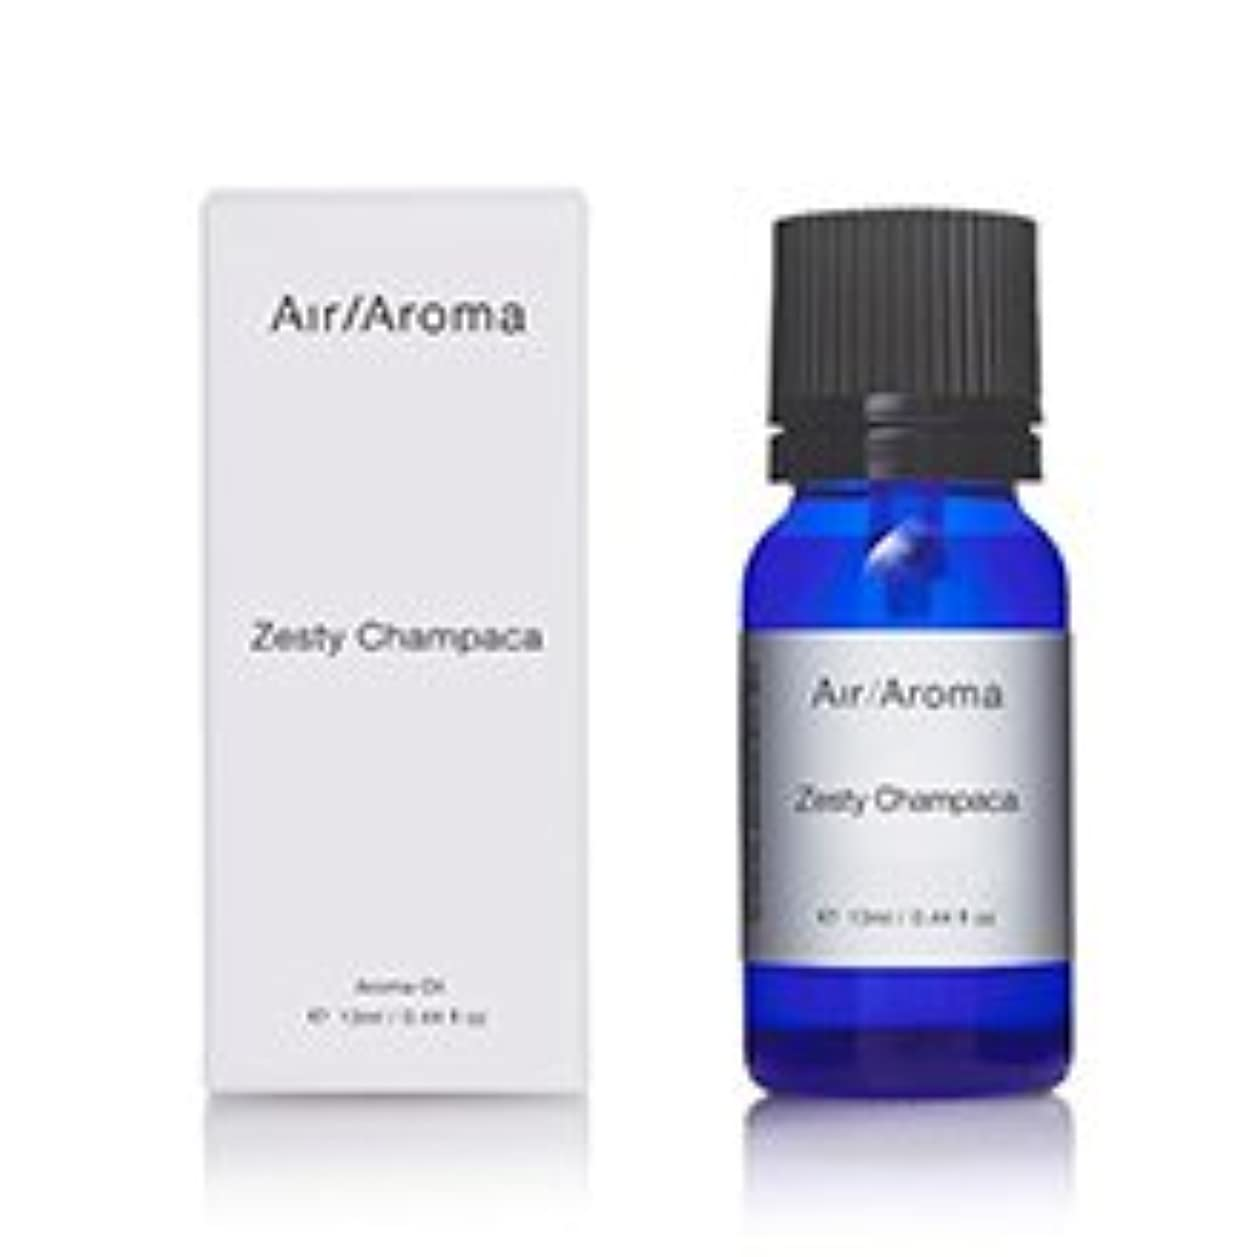 十分な地上でシャベルエアアロマ zesty champaca (ゼスティチャンパカ) 13ml